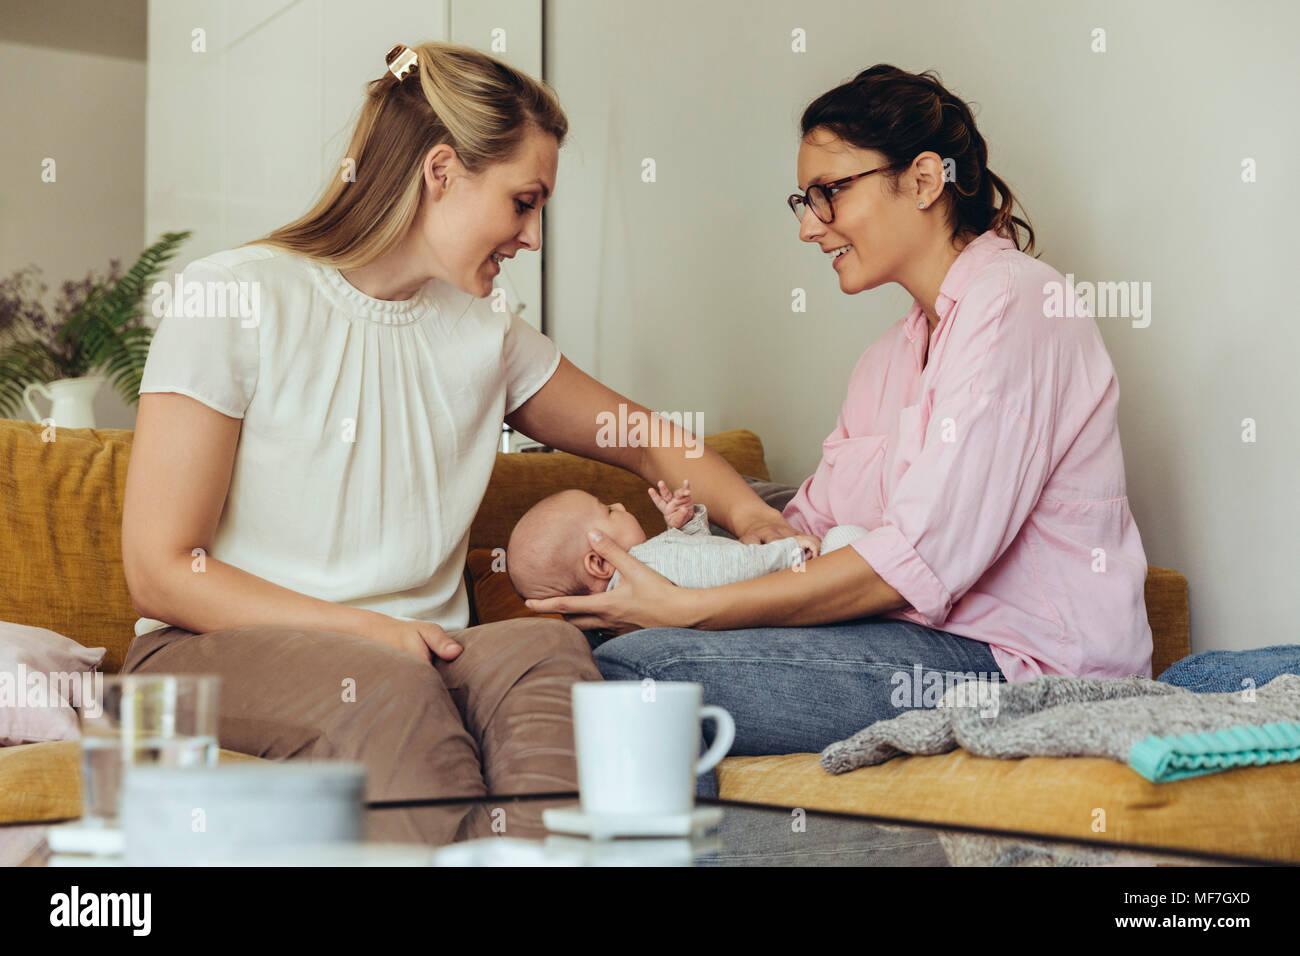 Hebamme Und Mutter Neugeborenes Baby Geben Einen Bauch Massage Mit